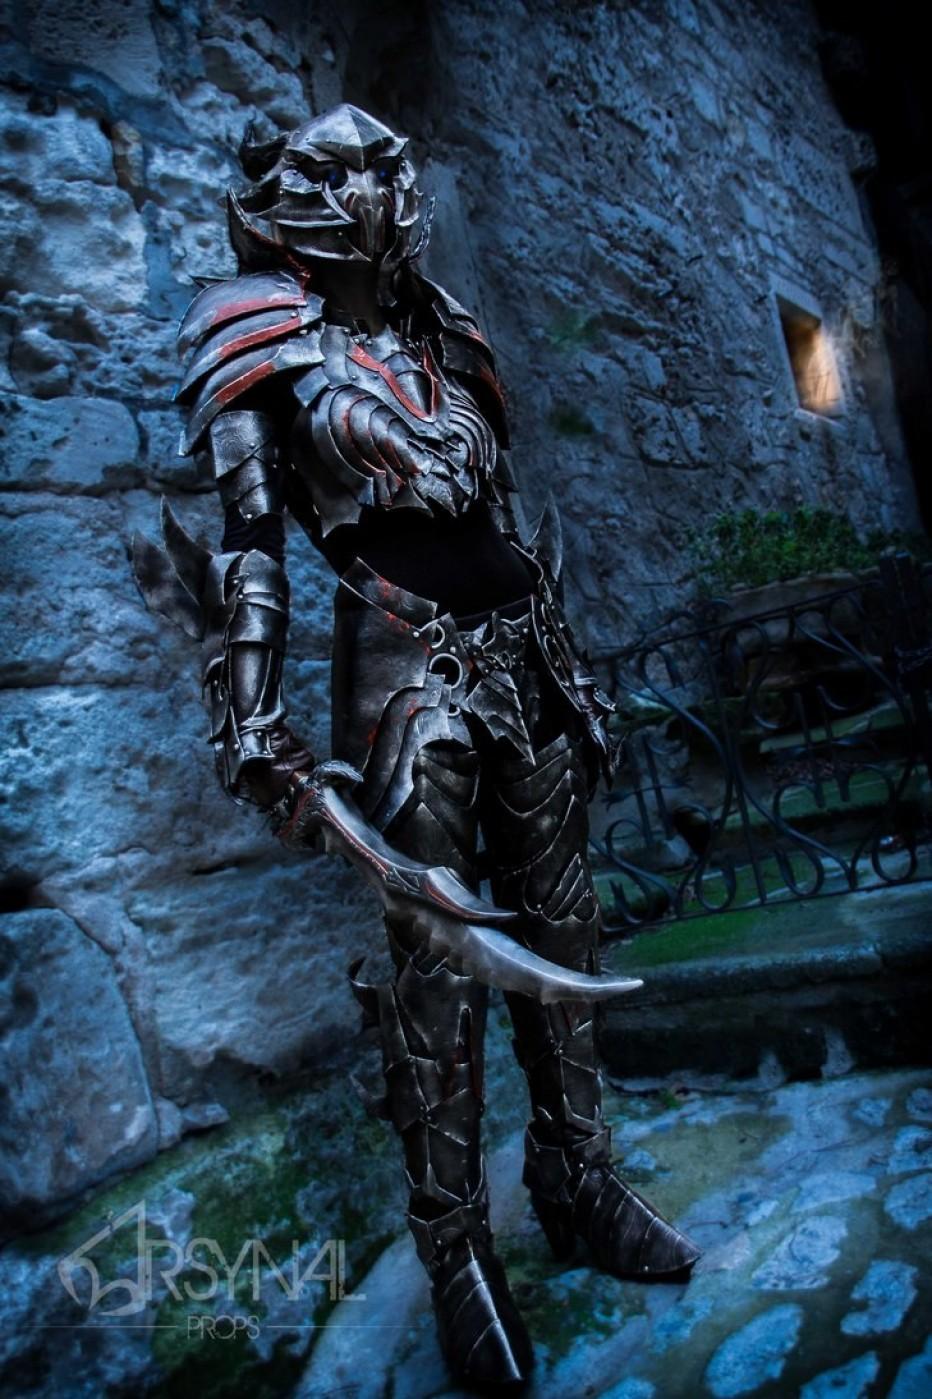 The-Elder-Scrolls-Online-Daedric-Armor-Cosplay-Gamers-Heroes-2.jpg